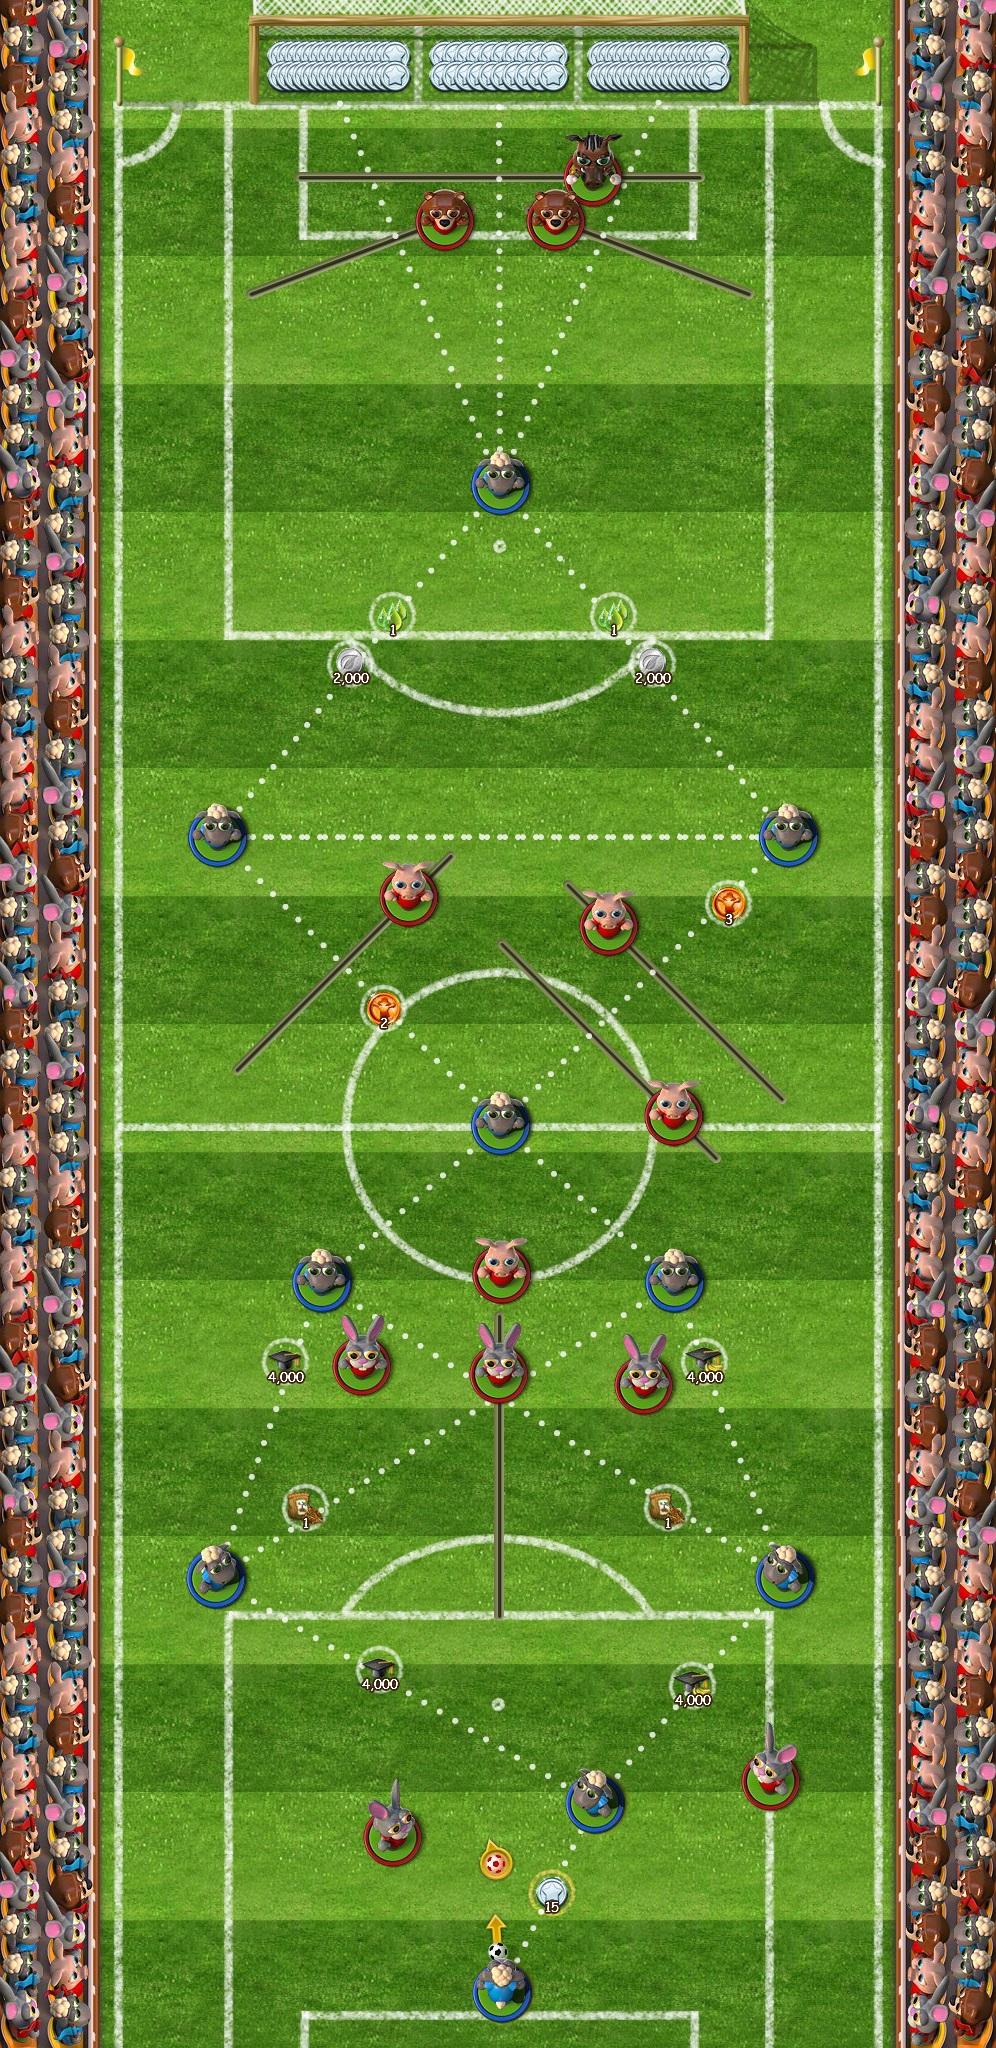 SoccerGame0.jpg